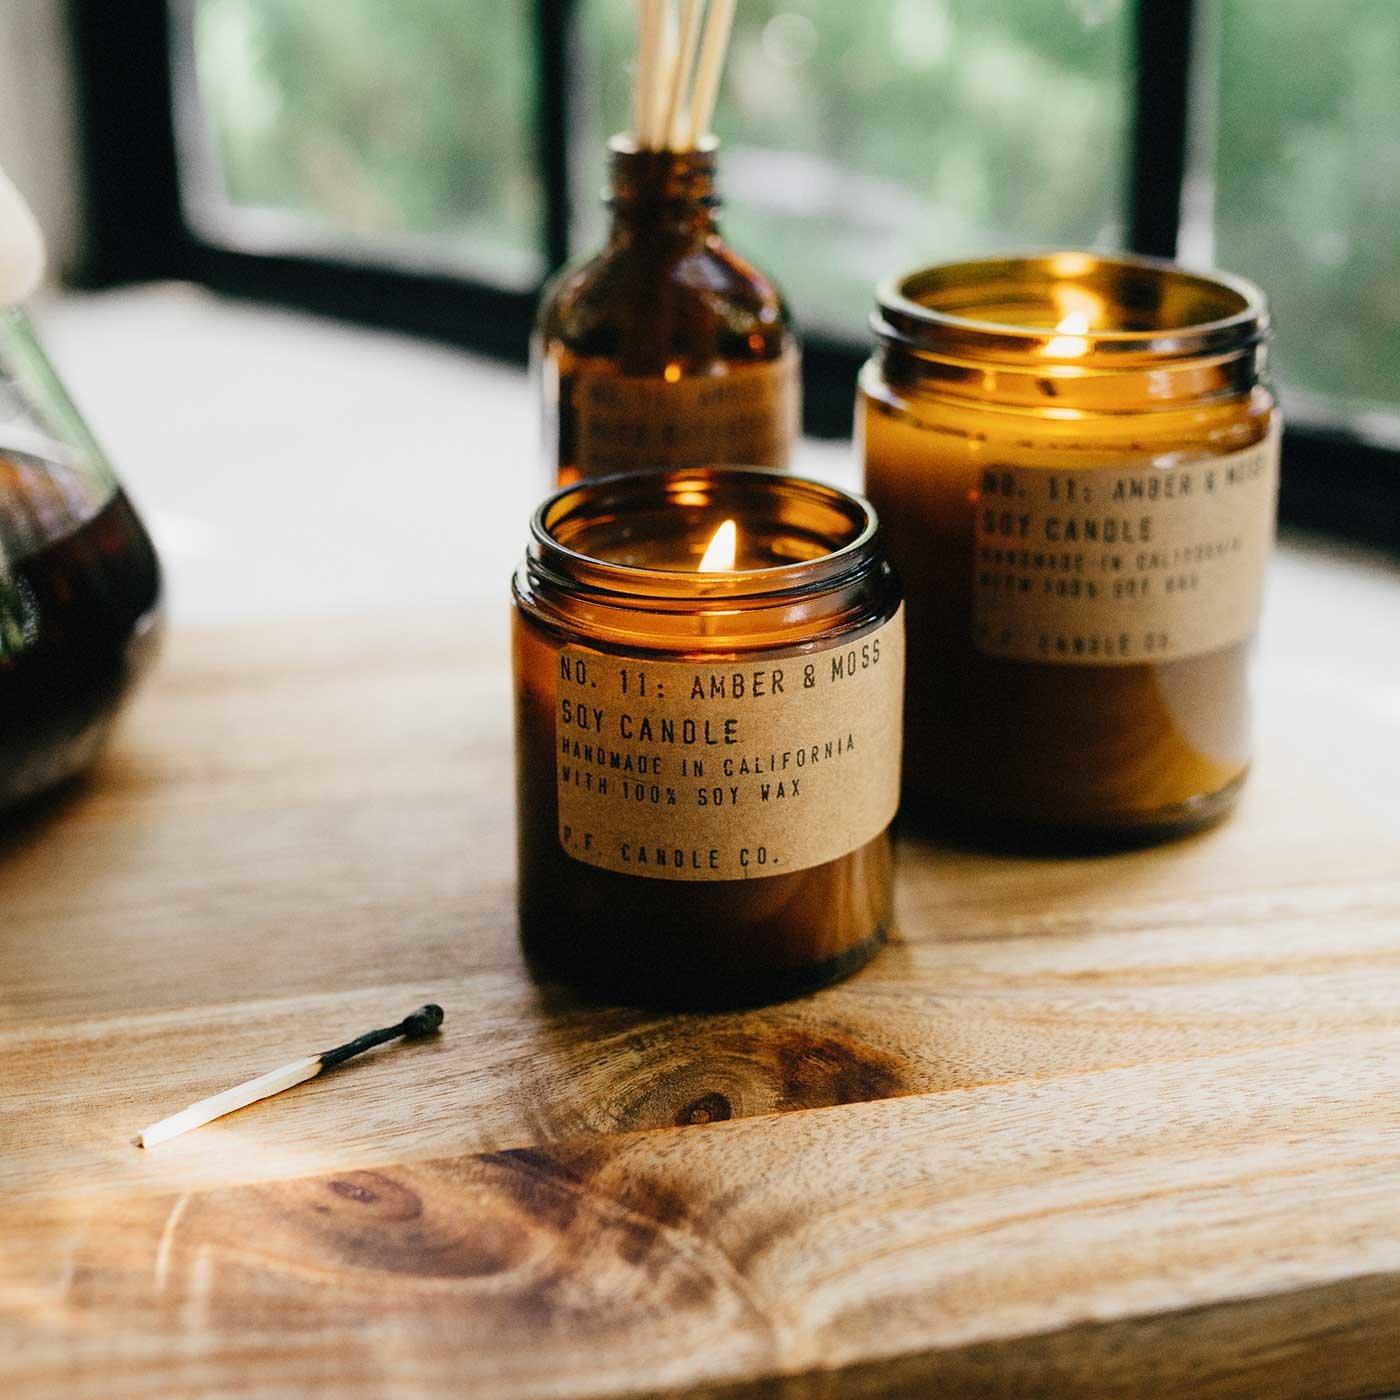 ロサンジェルスから届いた香り P.F.Candle Co. 夫婦の手作りキャンドル [L]